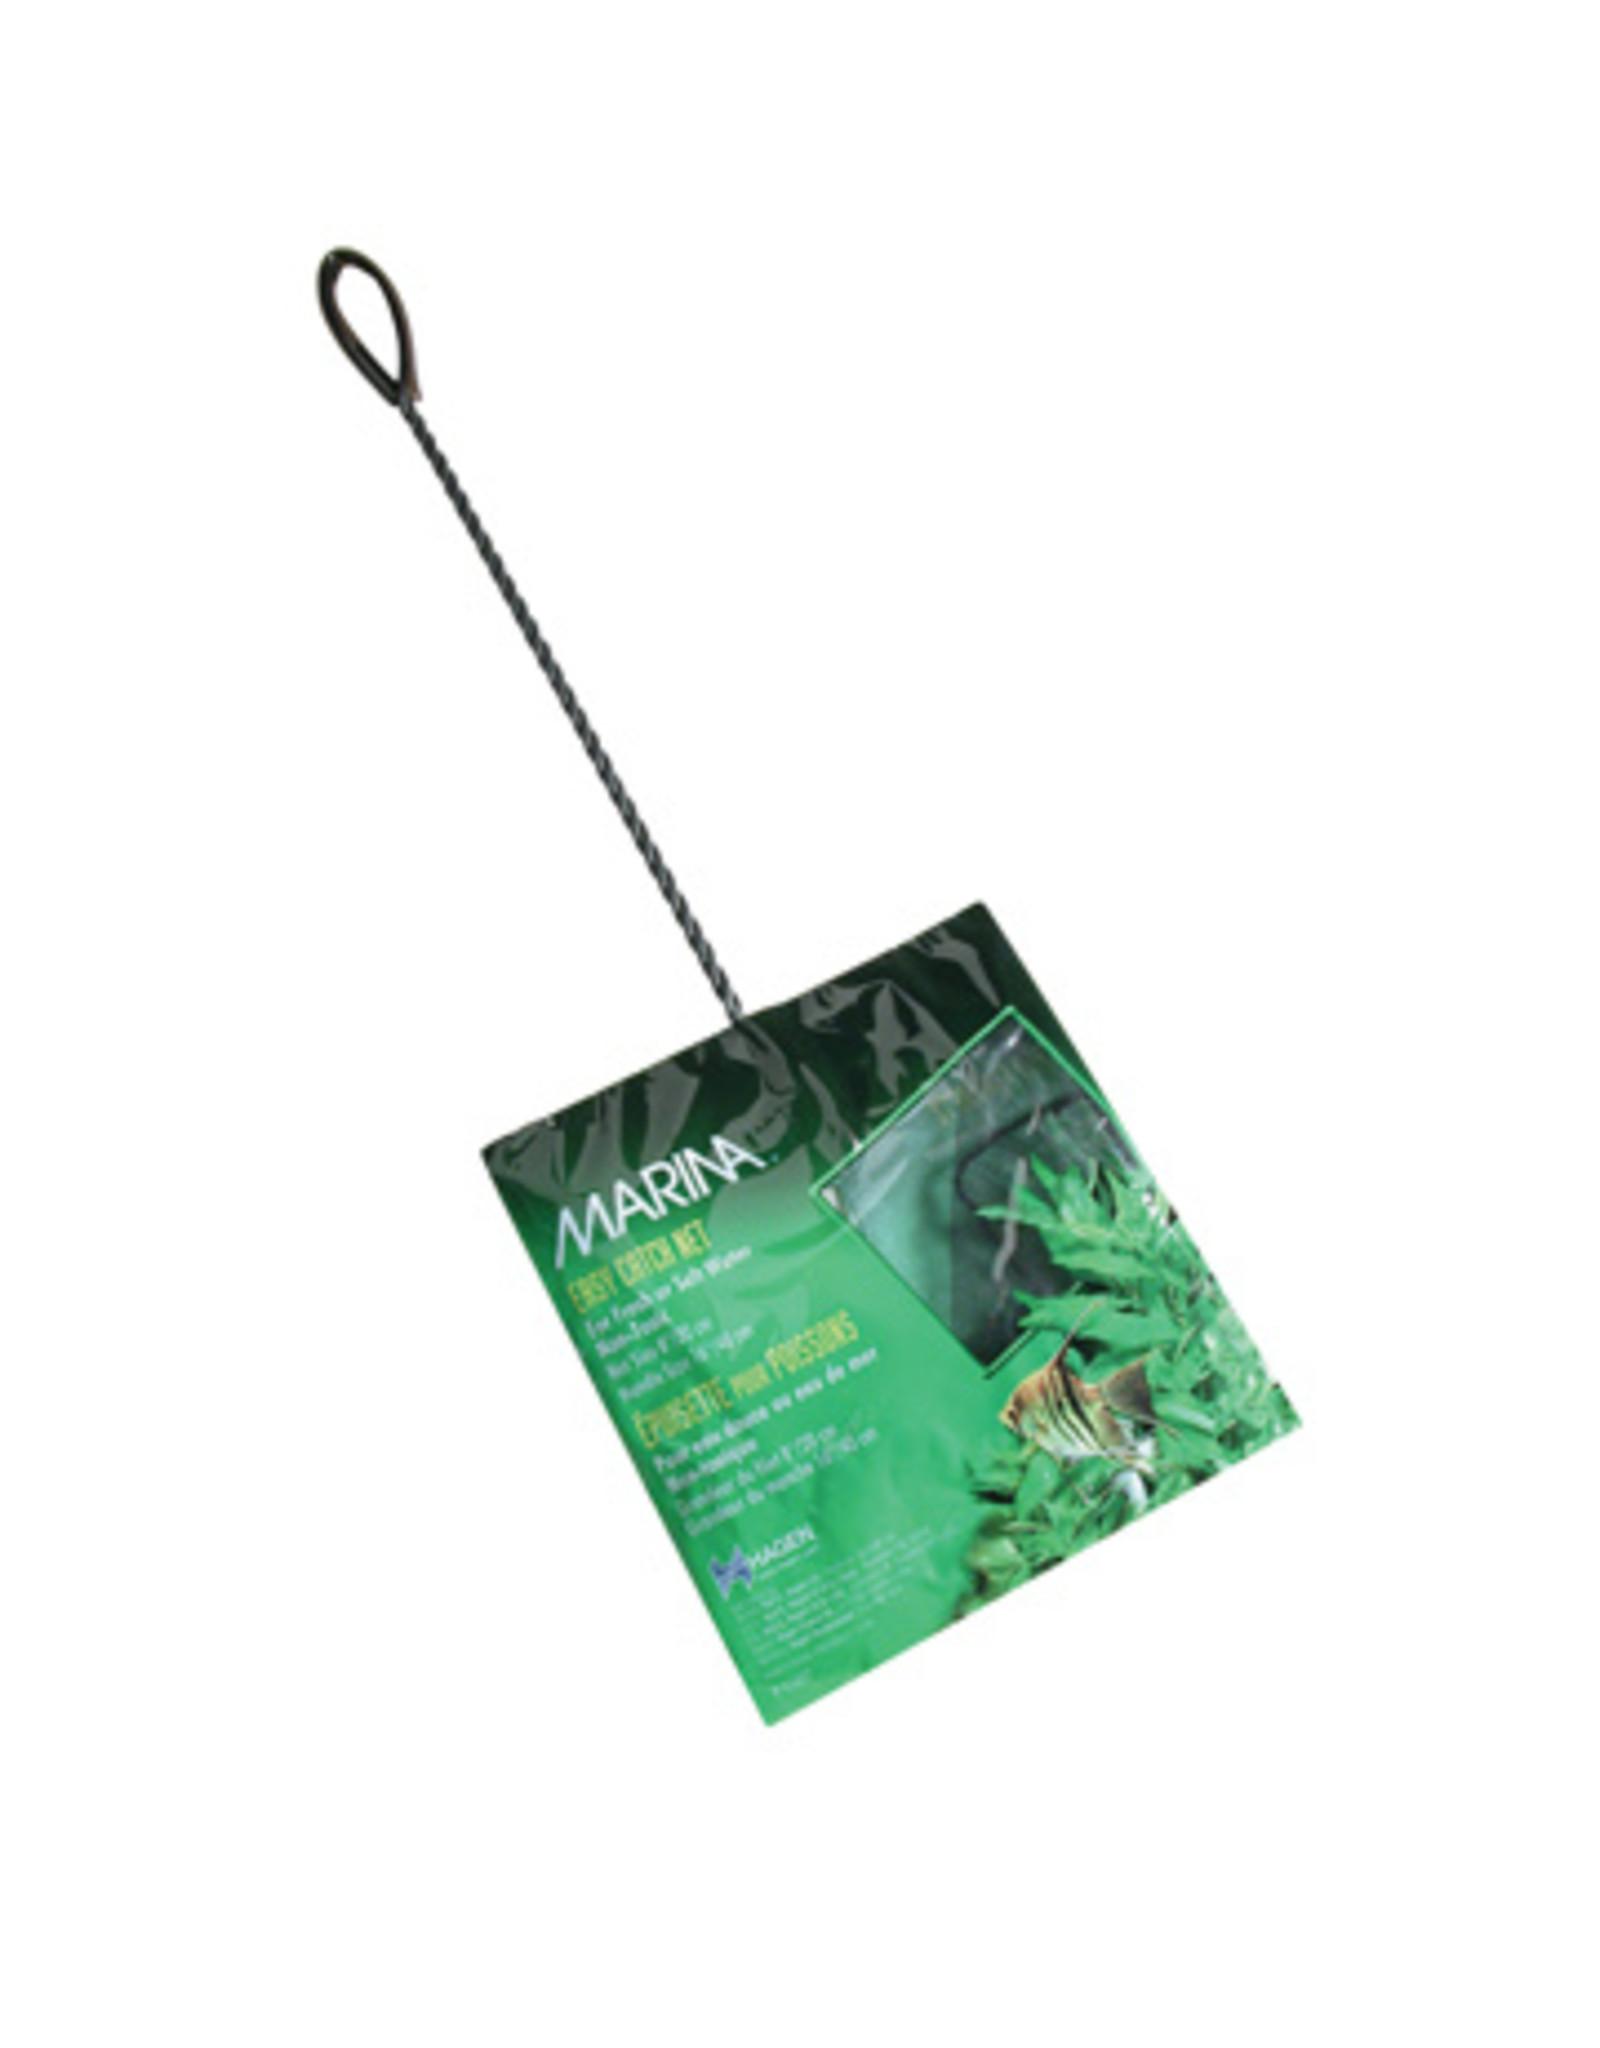 Marina MARINA Easy-Catch Net 40cm Handle